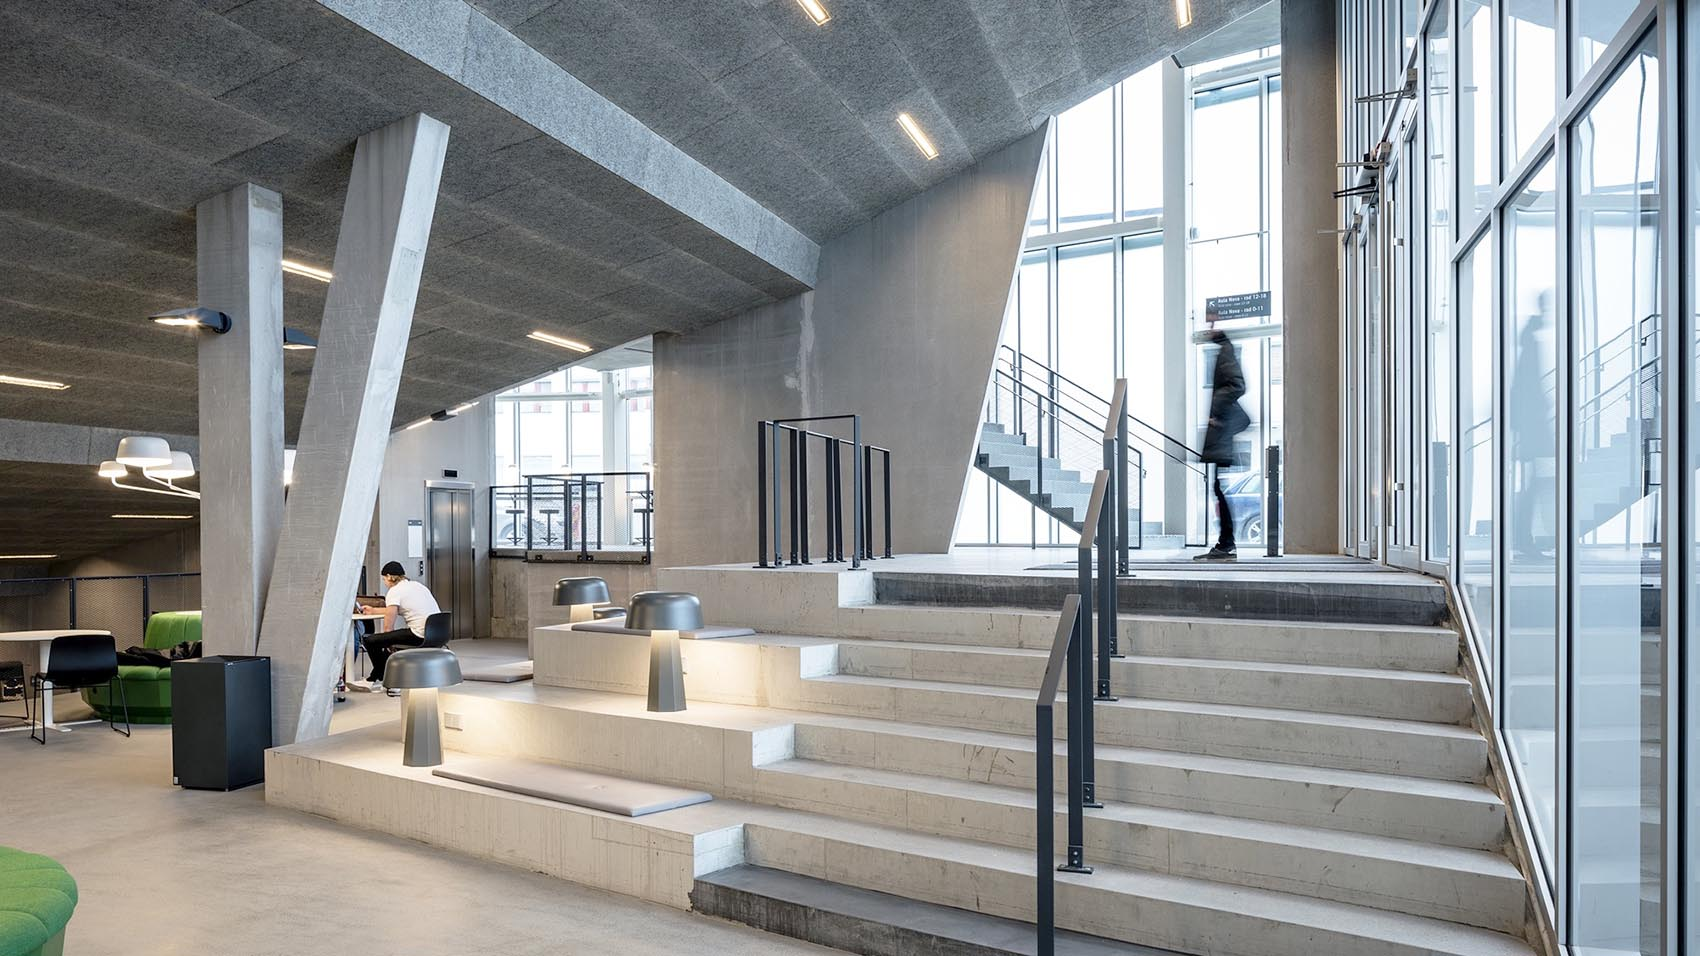 juul og frost - JUUL | FROST Arkitekter er som vindere af campusudviklingskonkurrencen for Universitetspladsen en integreret del af Örebros omfattende udviklingsproces.